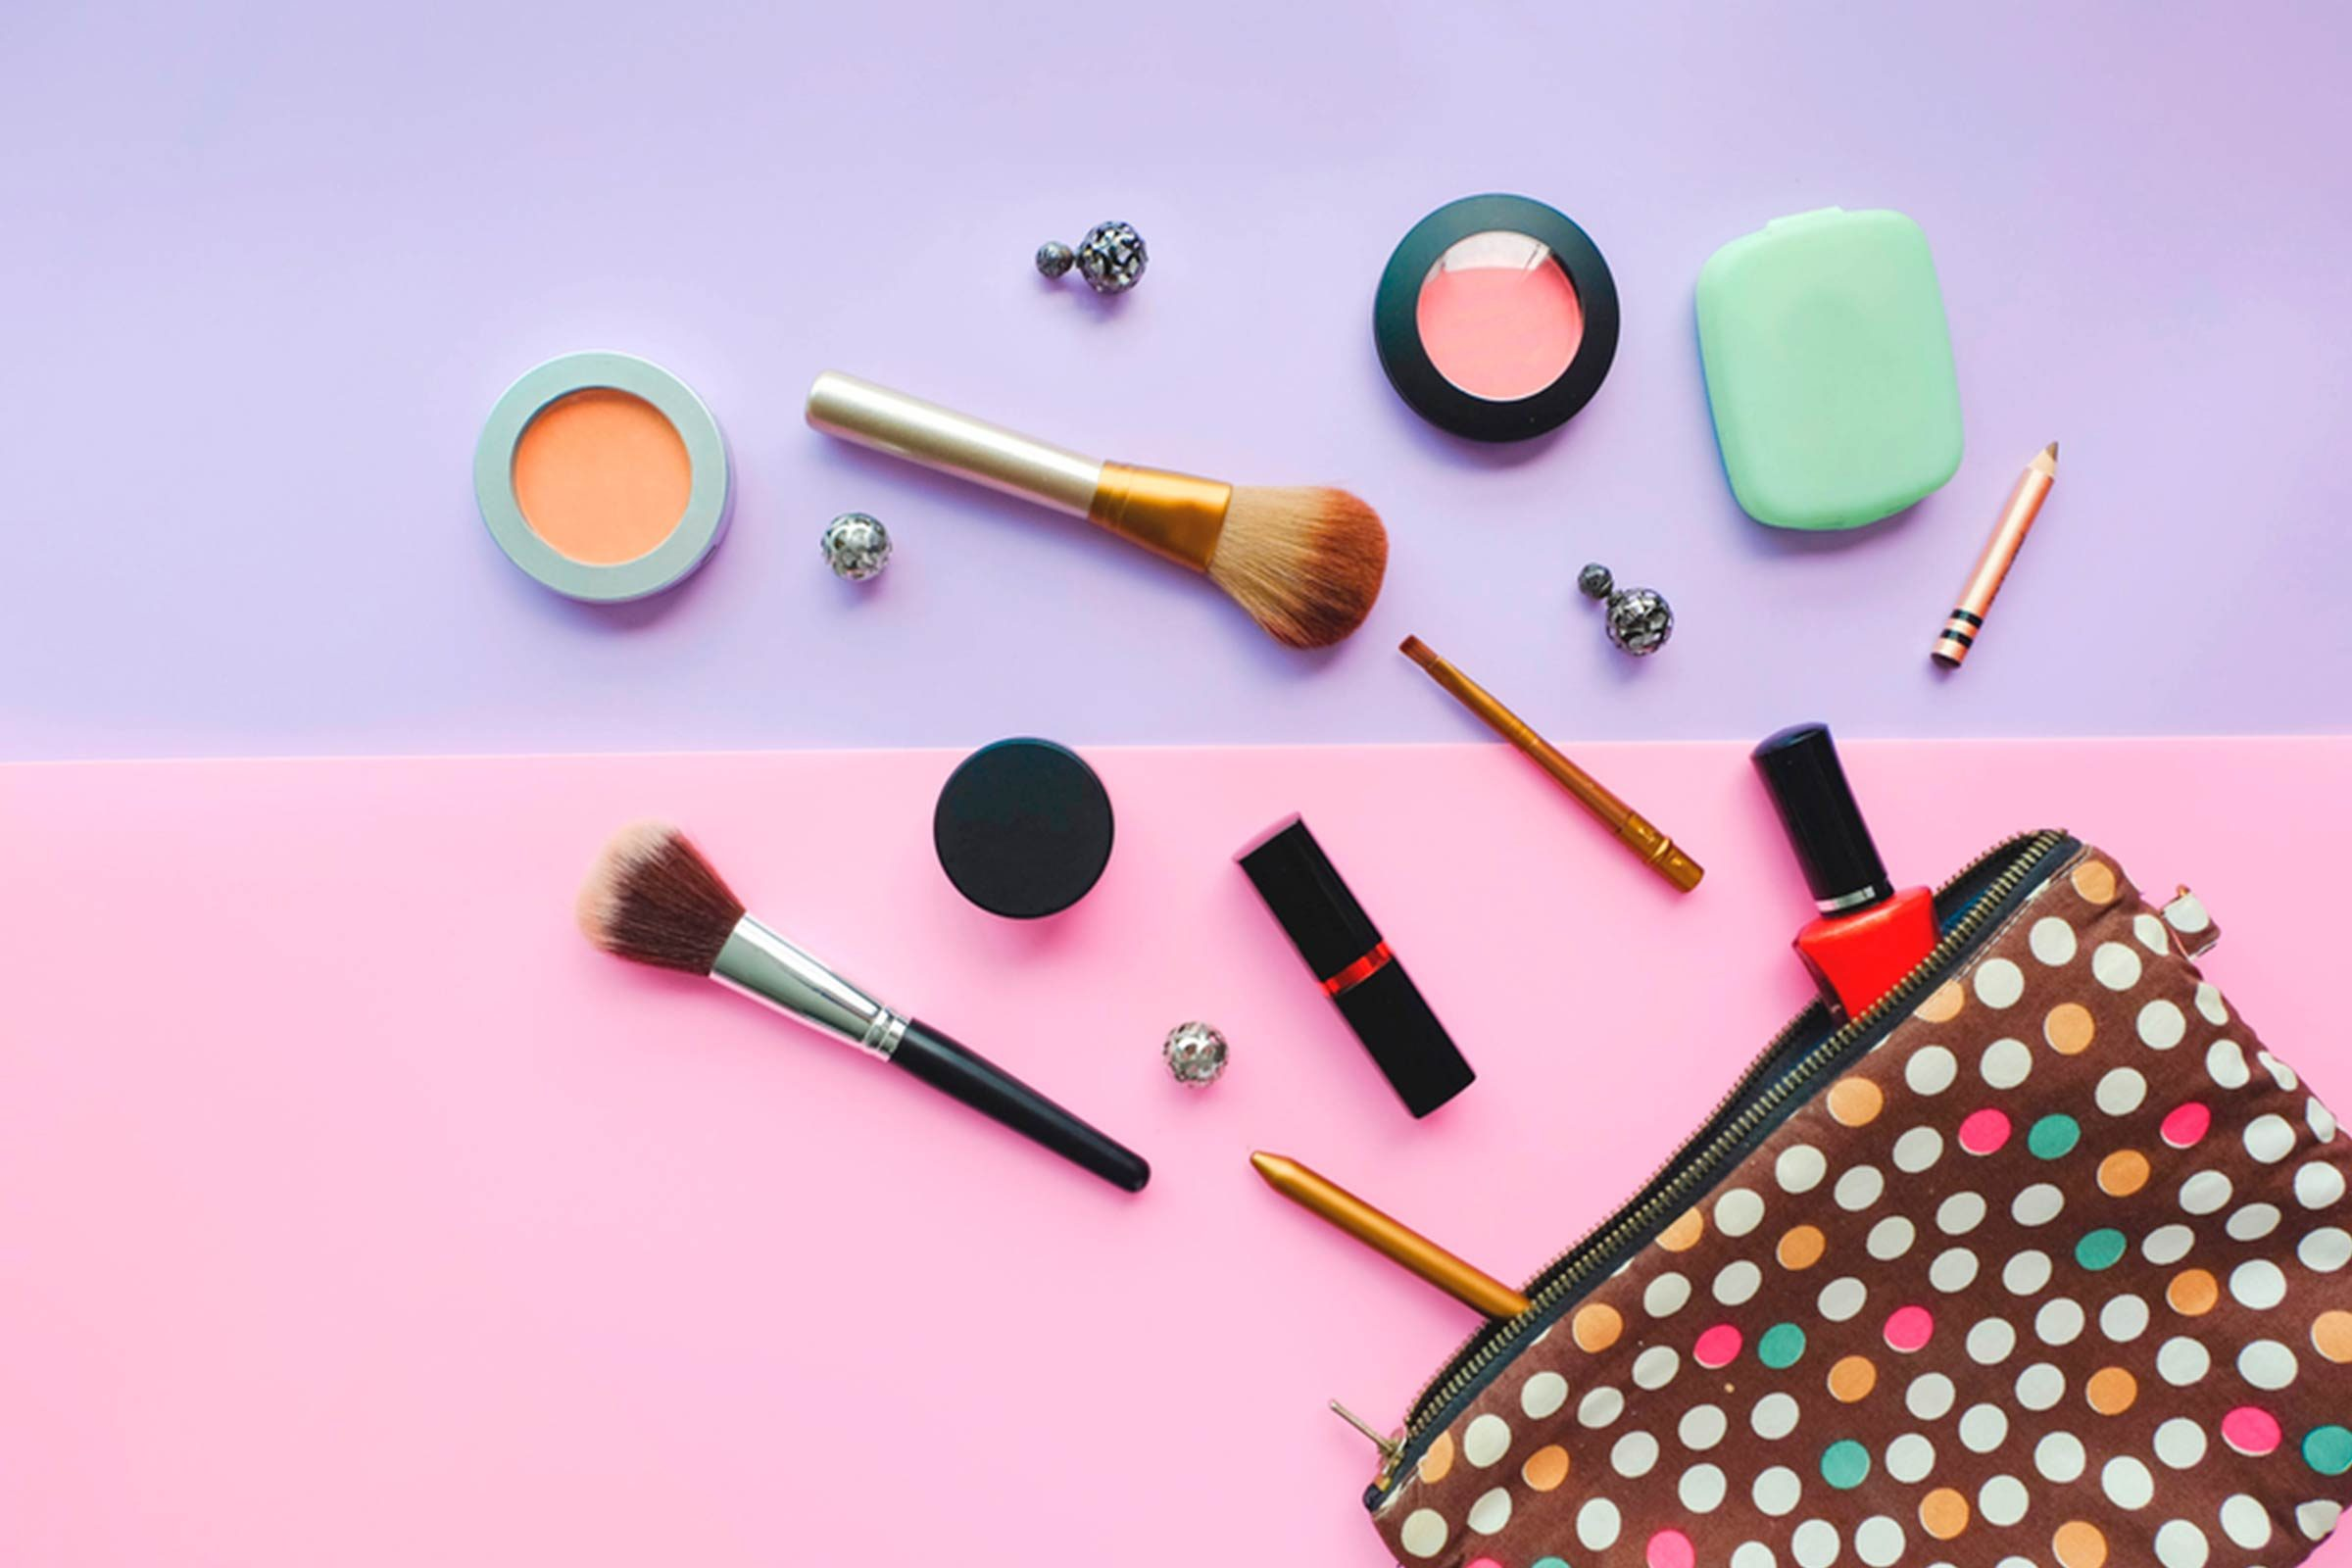 Moins de produits de beauté dans votre sac et moins de problèmes de dos